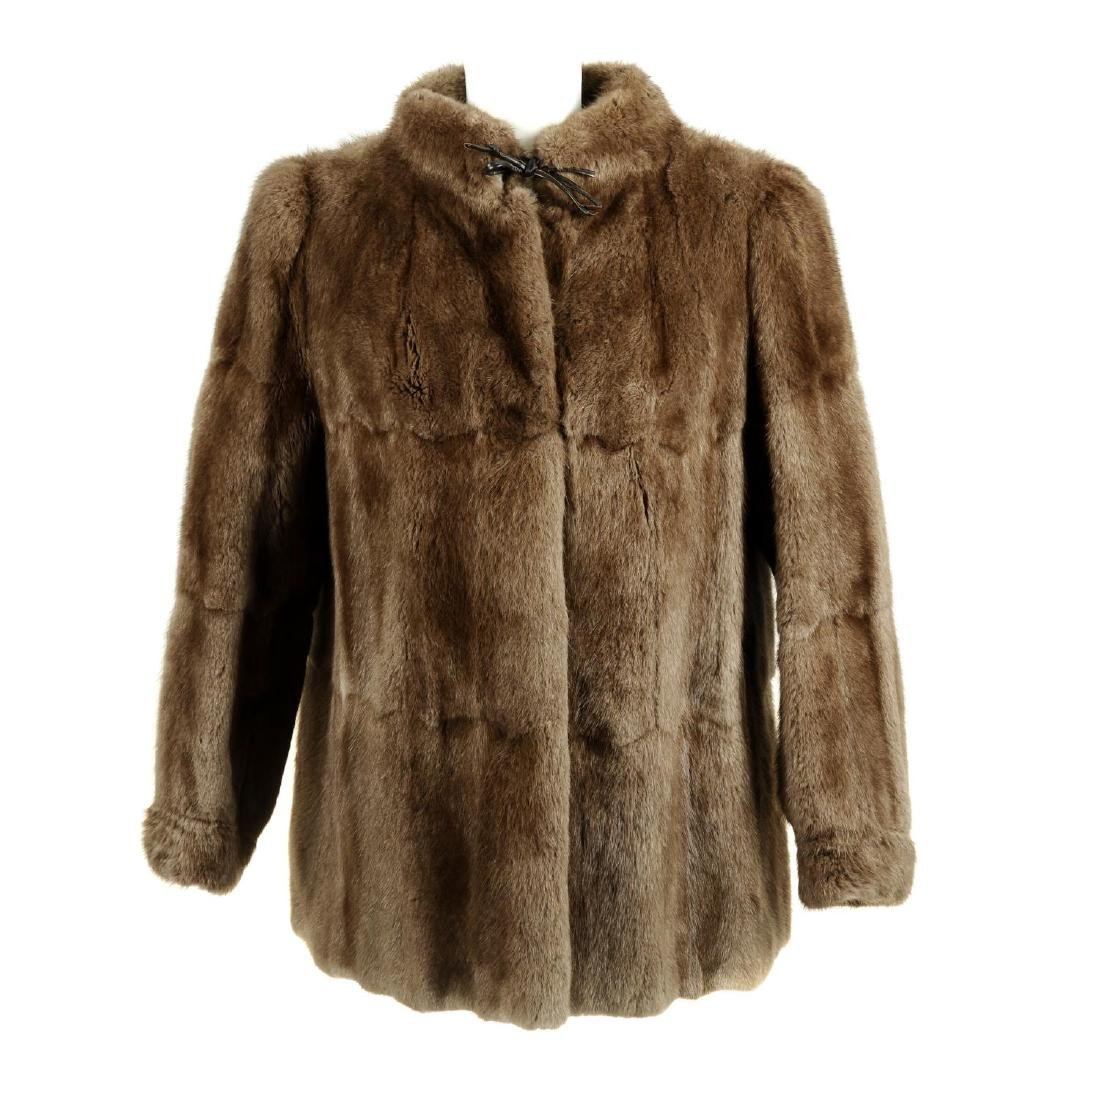 A mink fur jacket. Featuring a Mandarin collar, hook